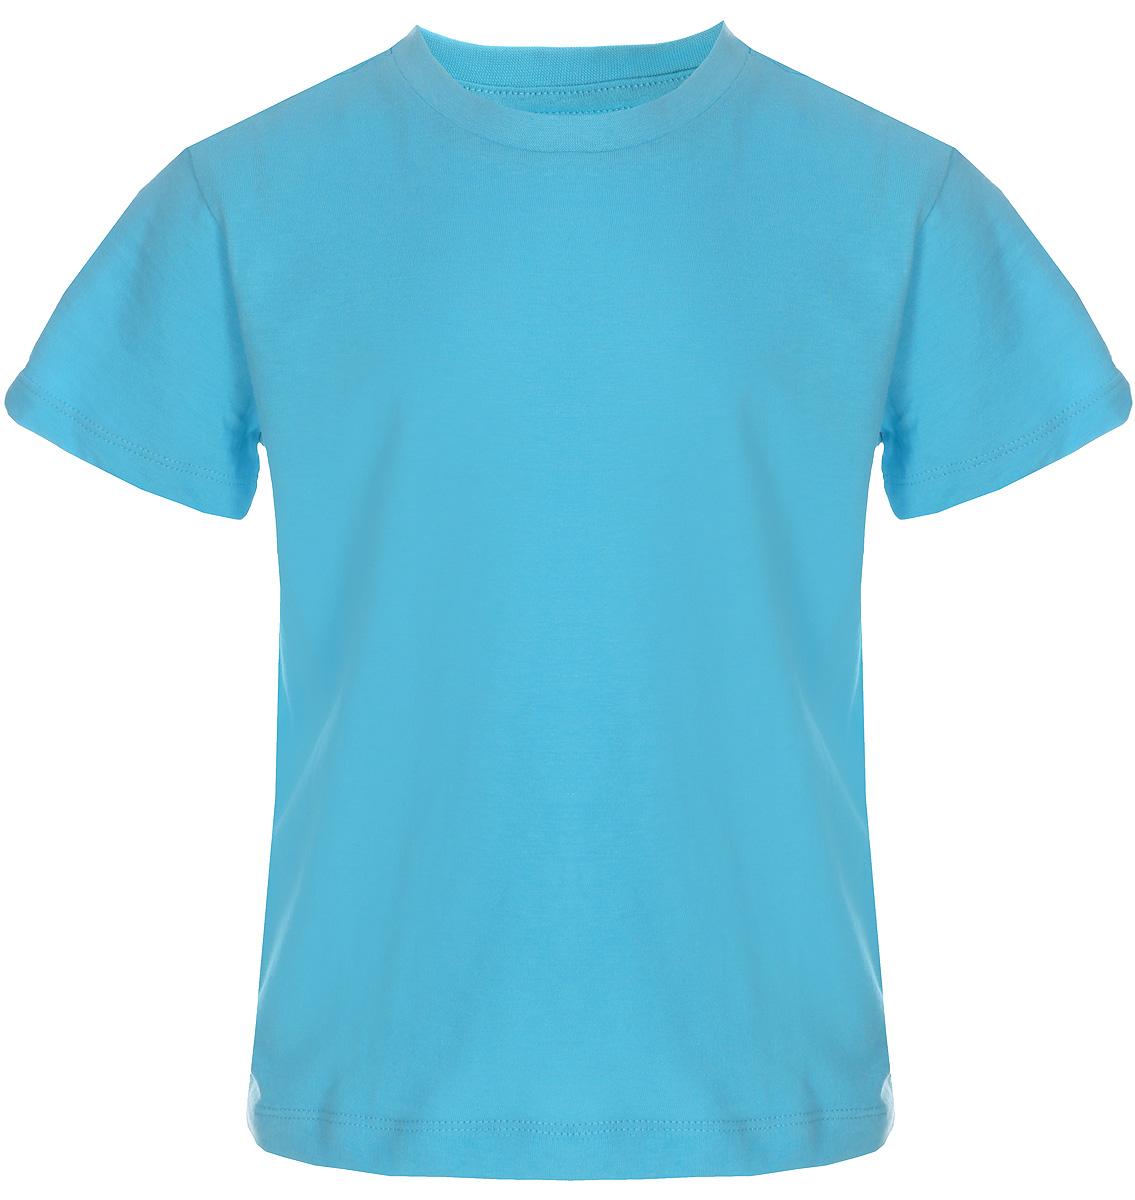 Футболка для мальчика Sela, цвет: бирюзовый. Ts-711/533-8223. Размер 104Ts-711/533-8223Футболка для мальчика Sela выполнена из натурального хлопка. Модель с круглым вырезом горловины и короткими рукавами.